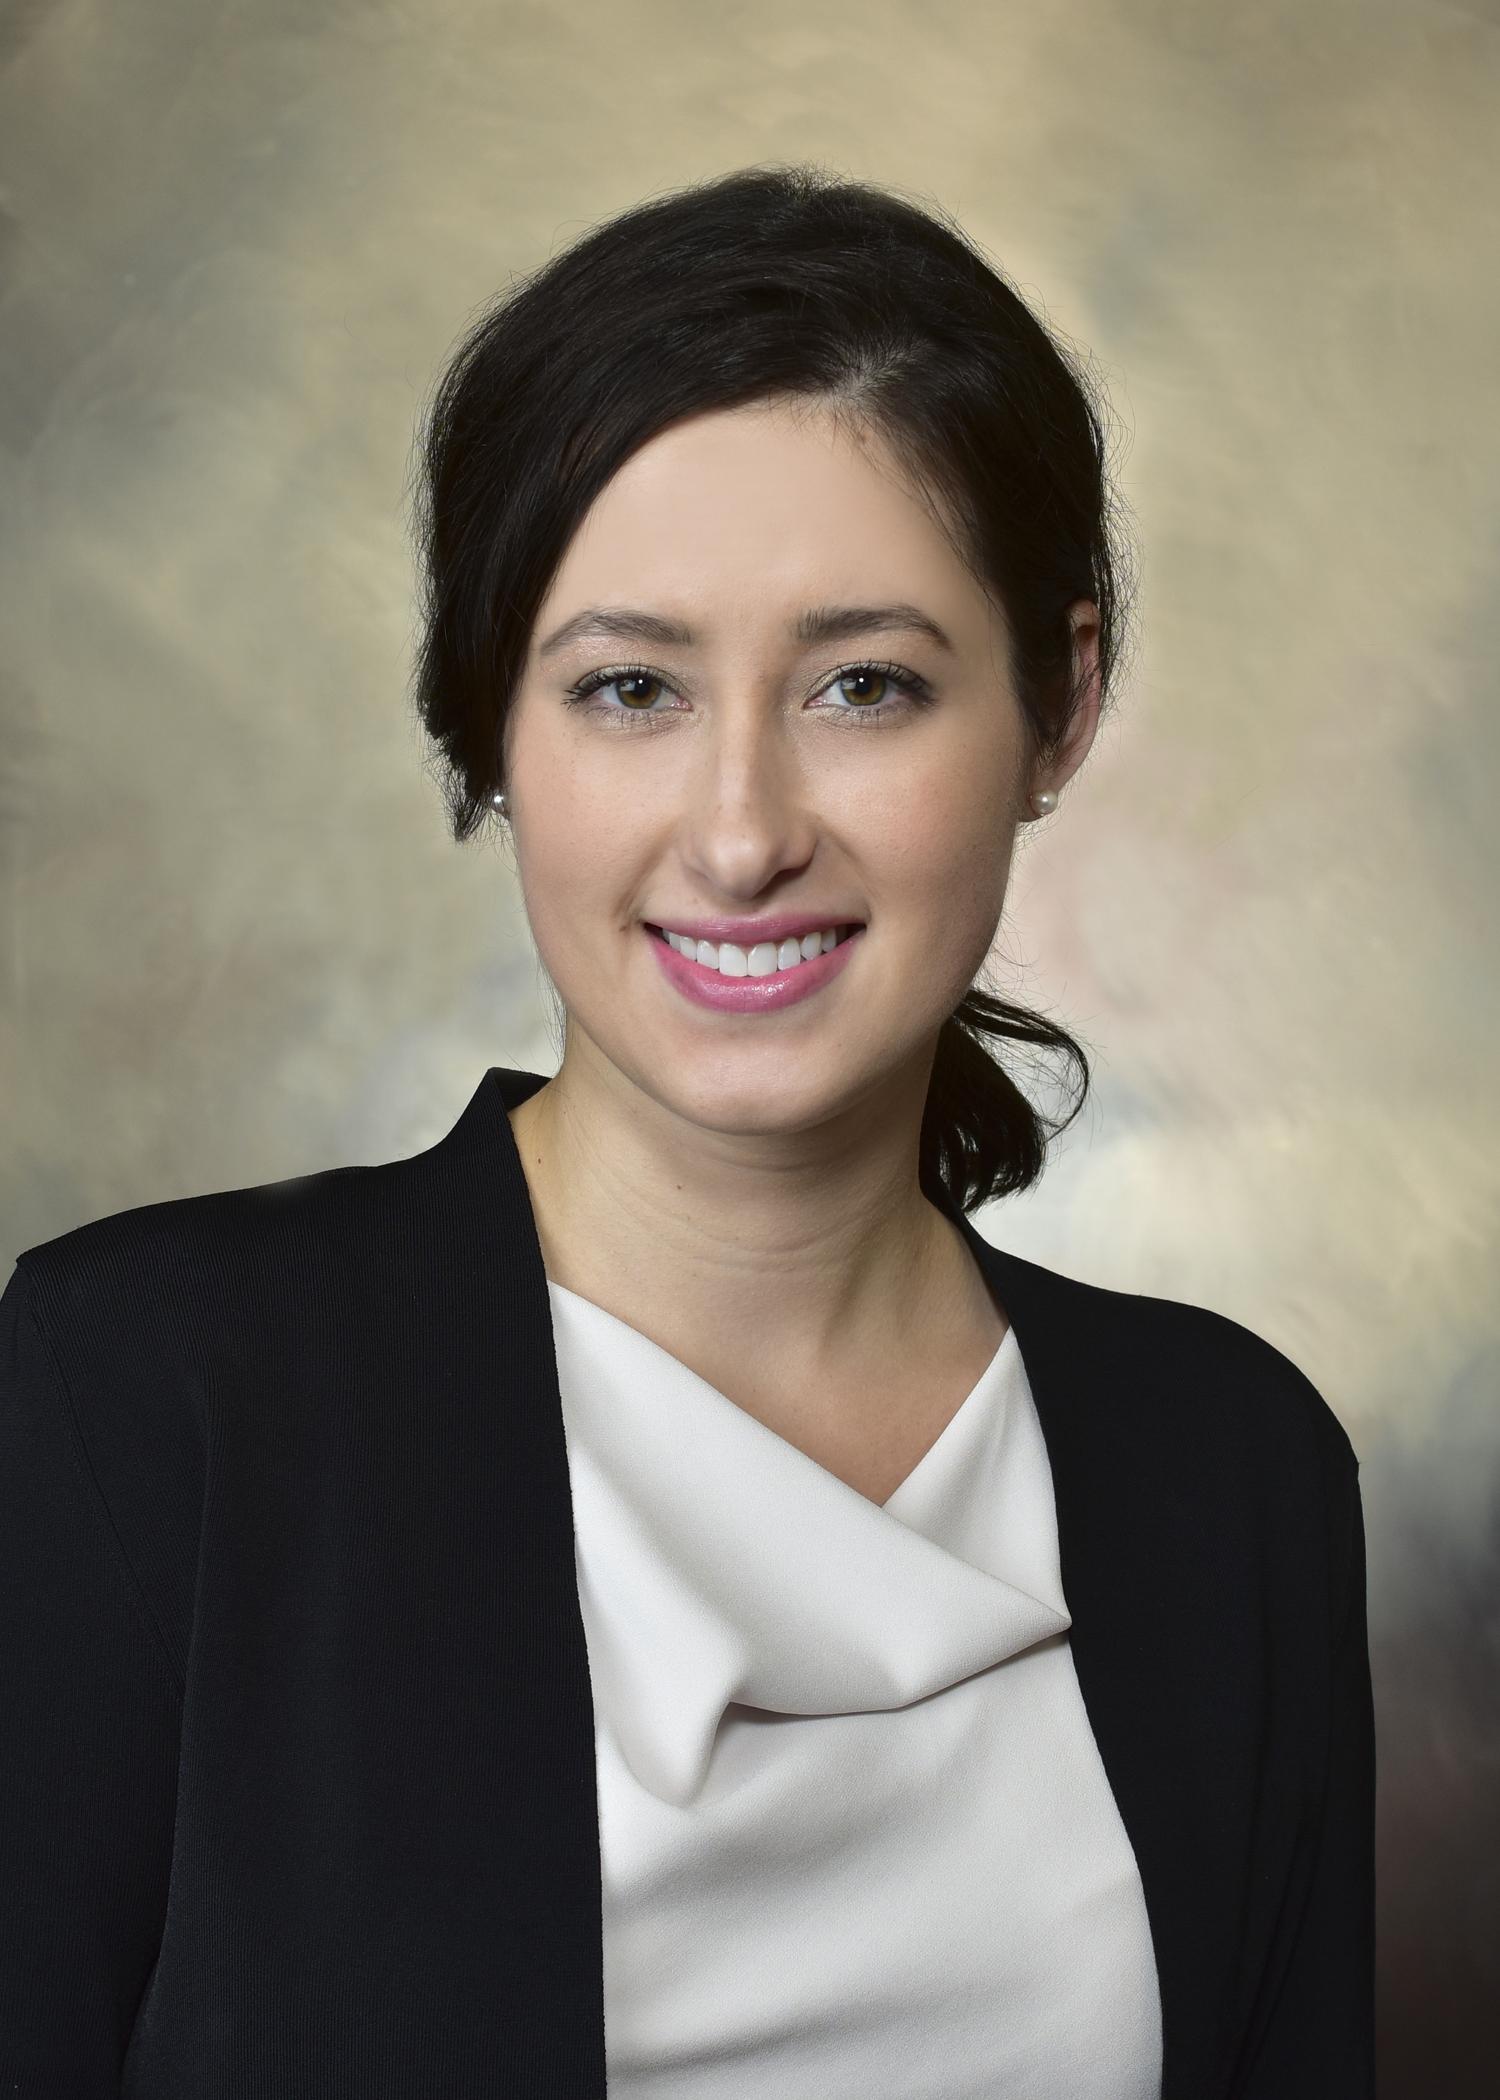 Dr. Danielle DeMorrow